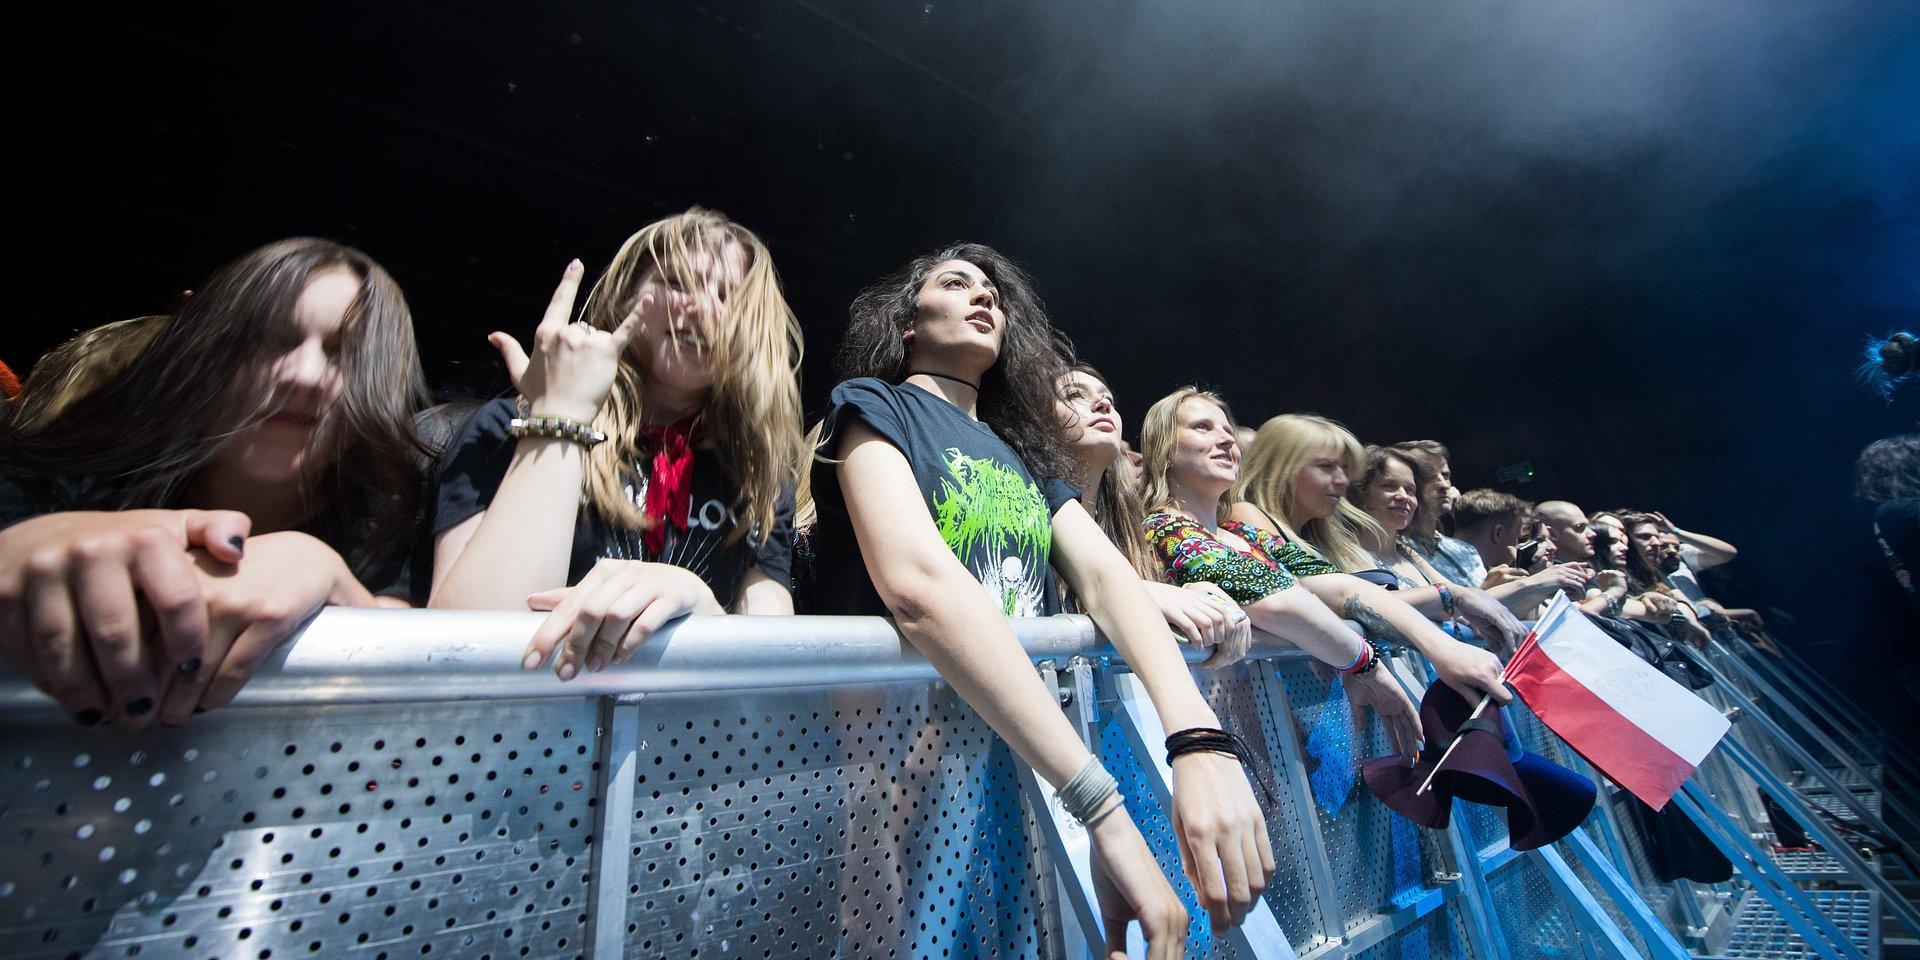 Eliminacje do Pol'and'Rock Festival coraz bliżej